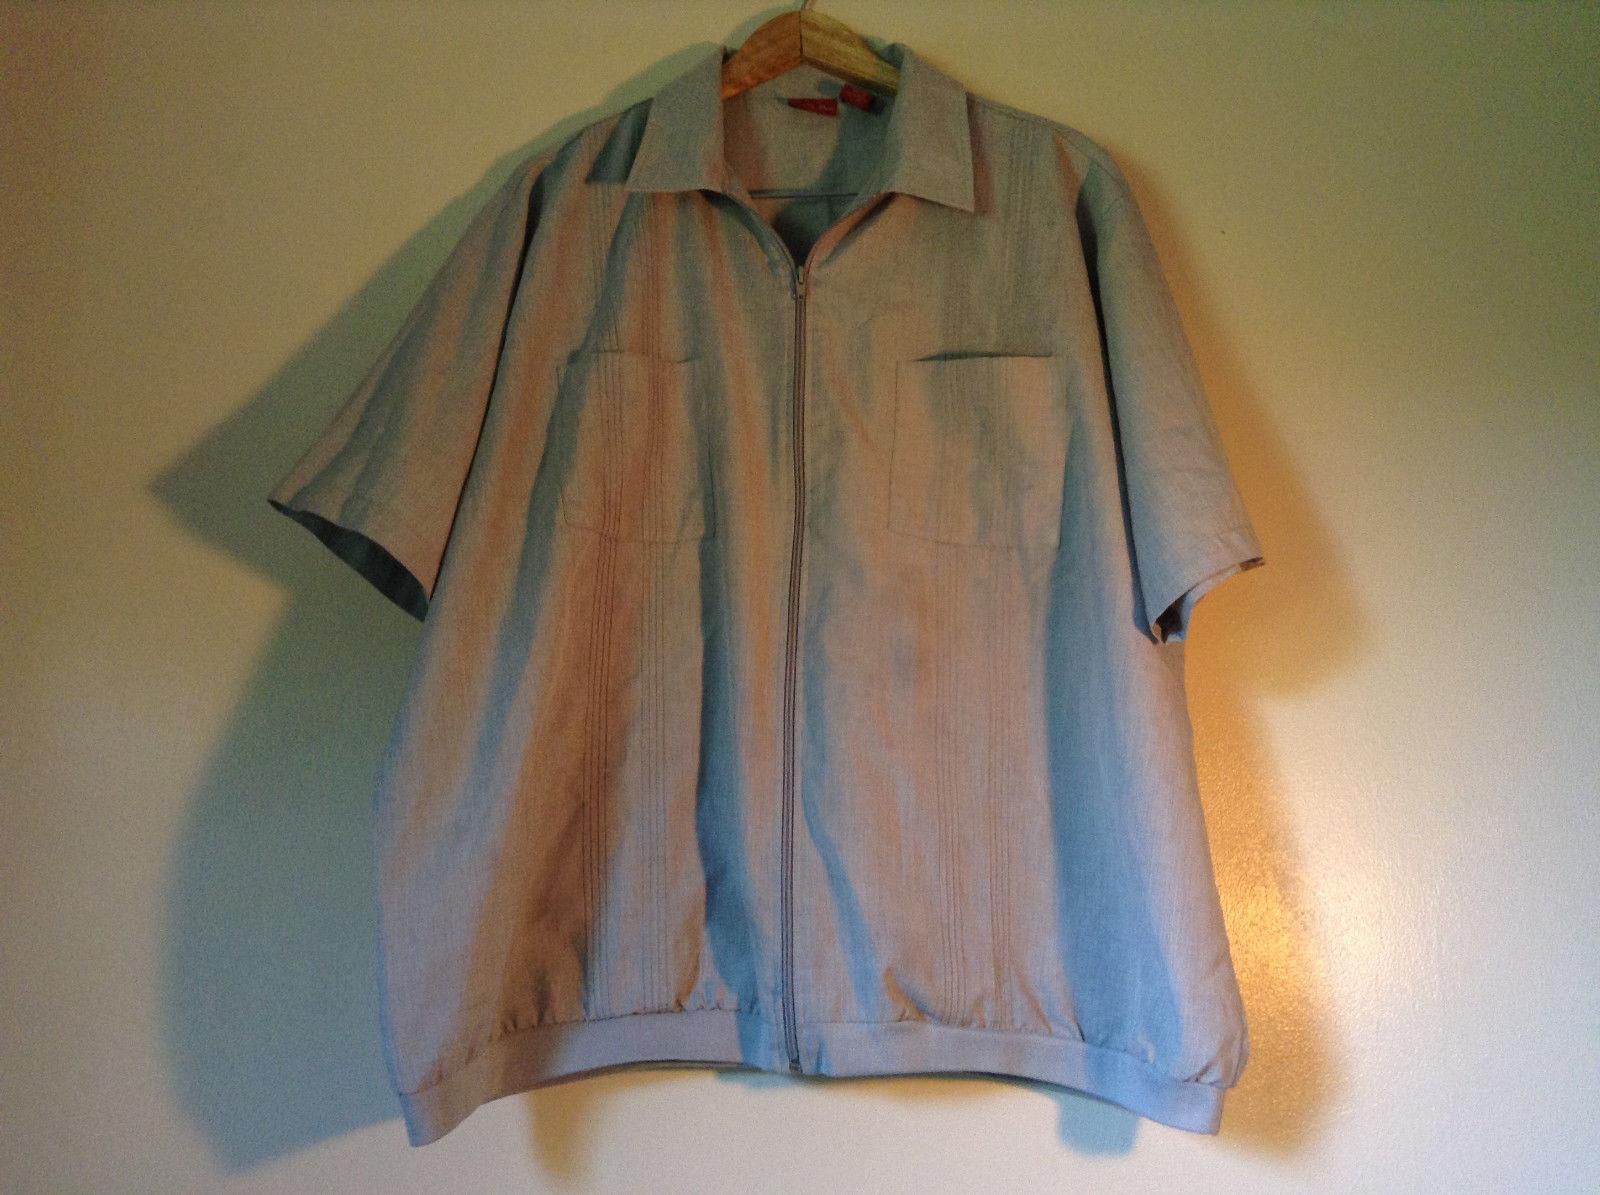 Size XX Light Gray Short Sleeve Shirt Full Front Zipper Closure Lions Den